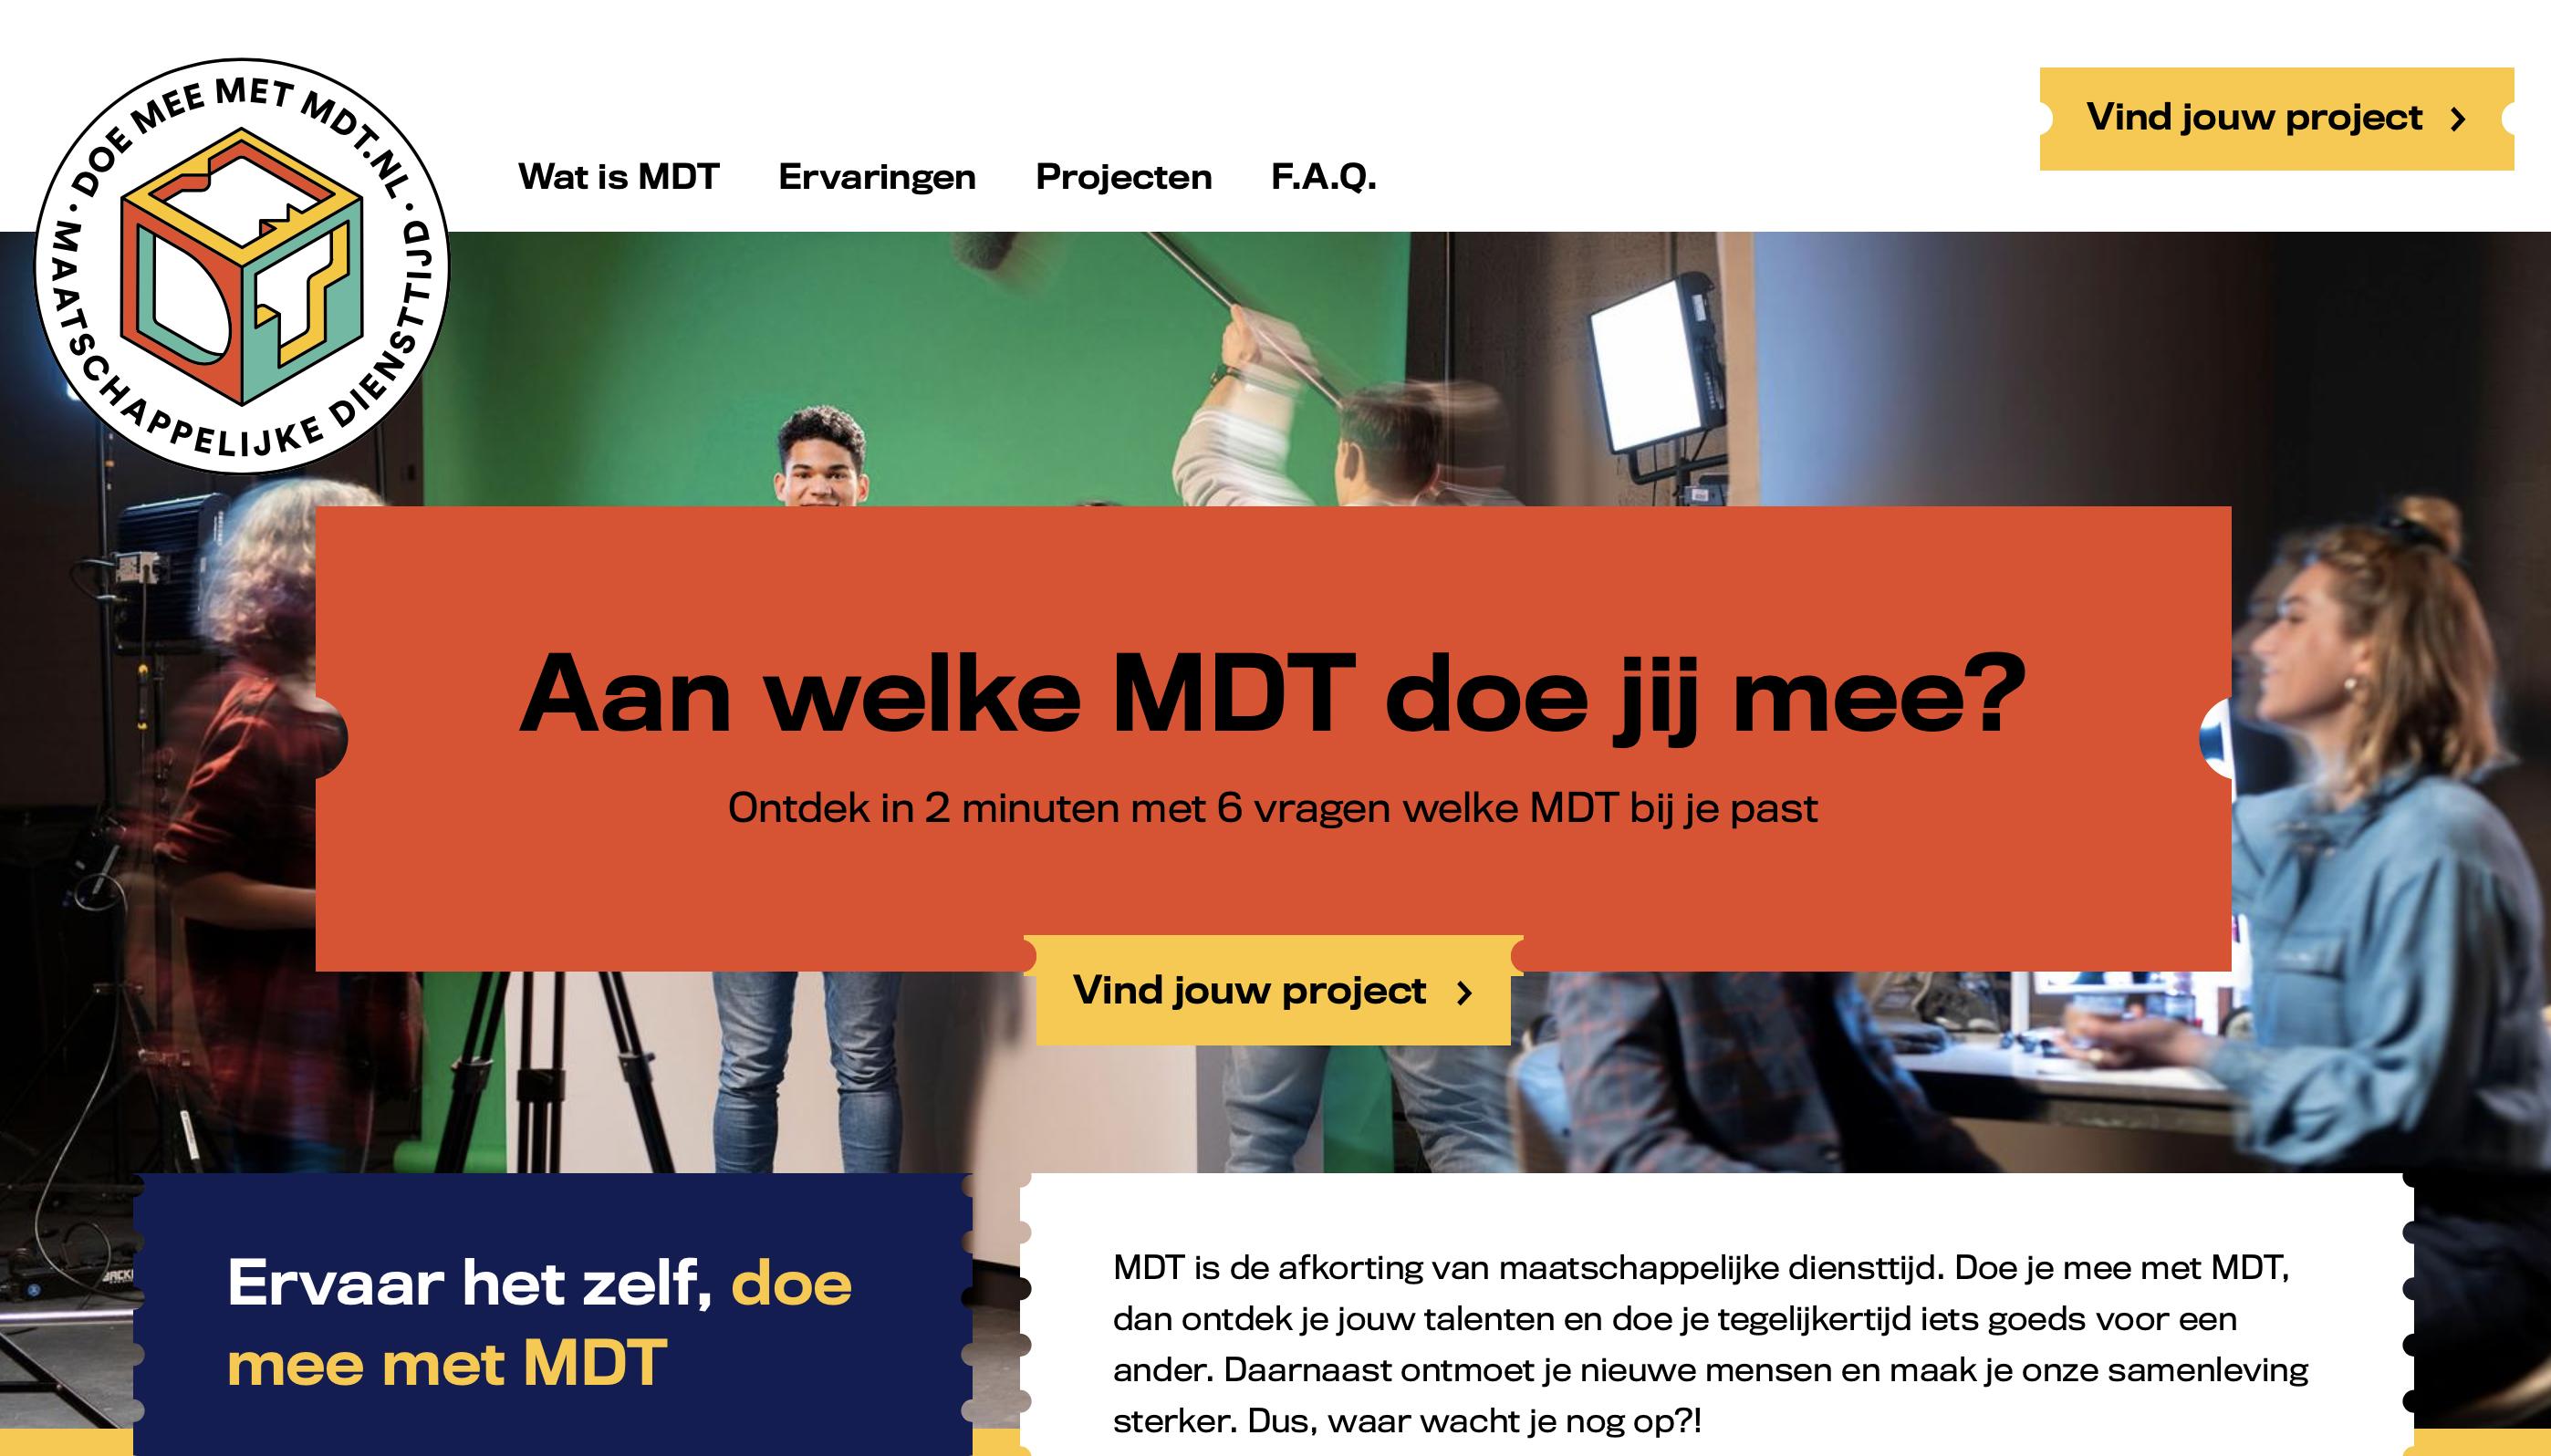 Programma Maatschappelijke Diensttijd (MDT)